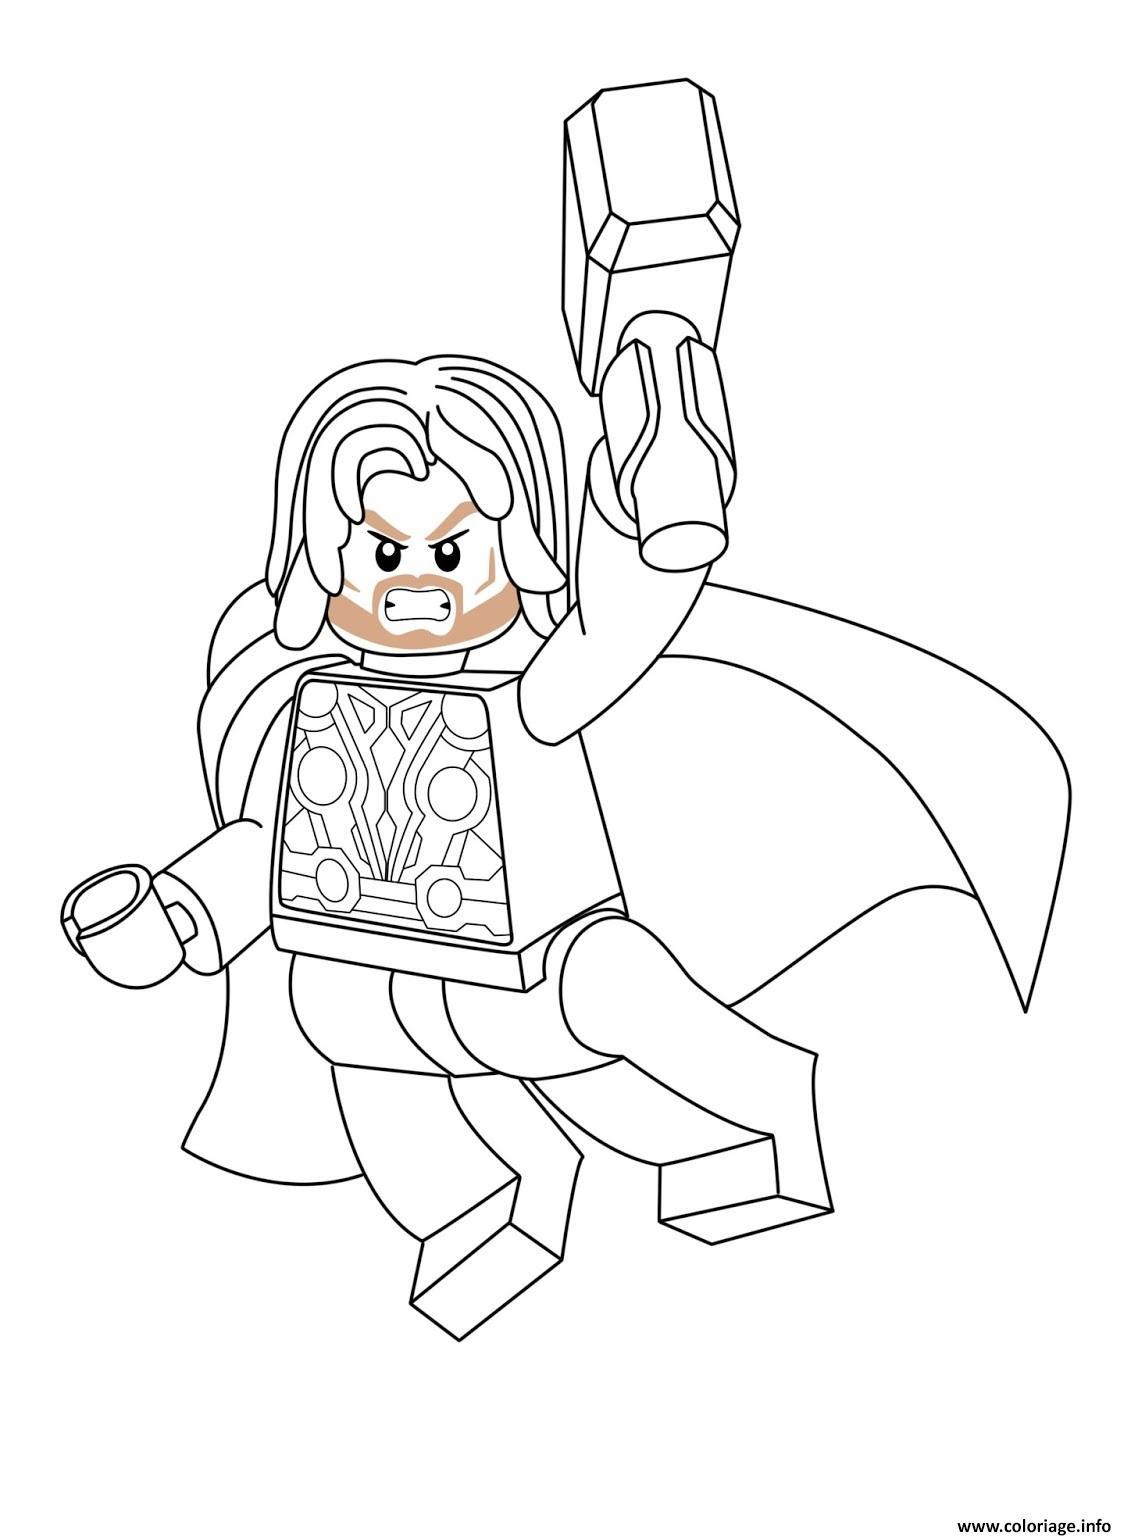 Coloriage Lego Marvel Thor Dessin Lego Marvel à imprimer